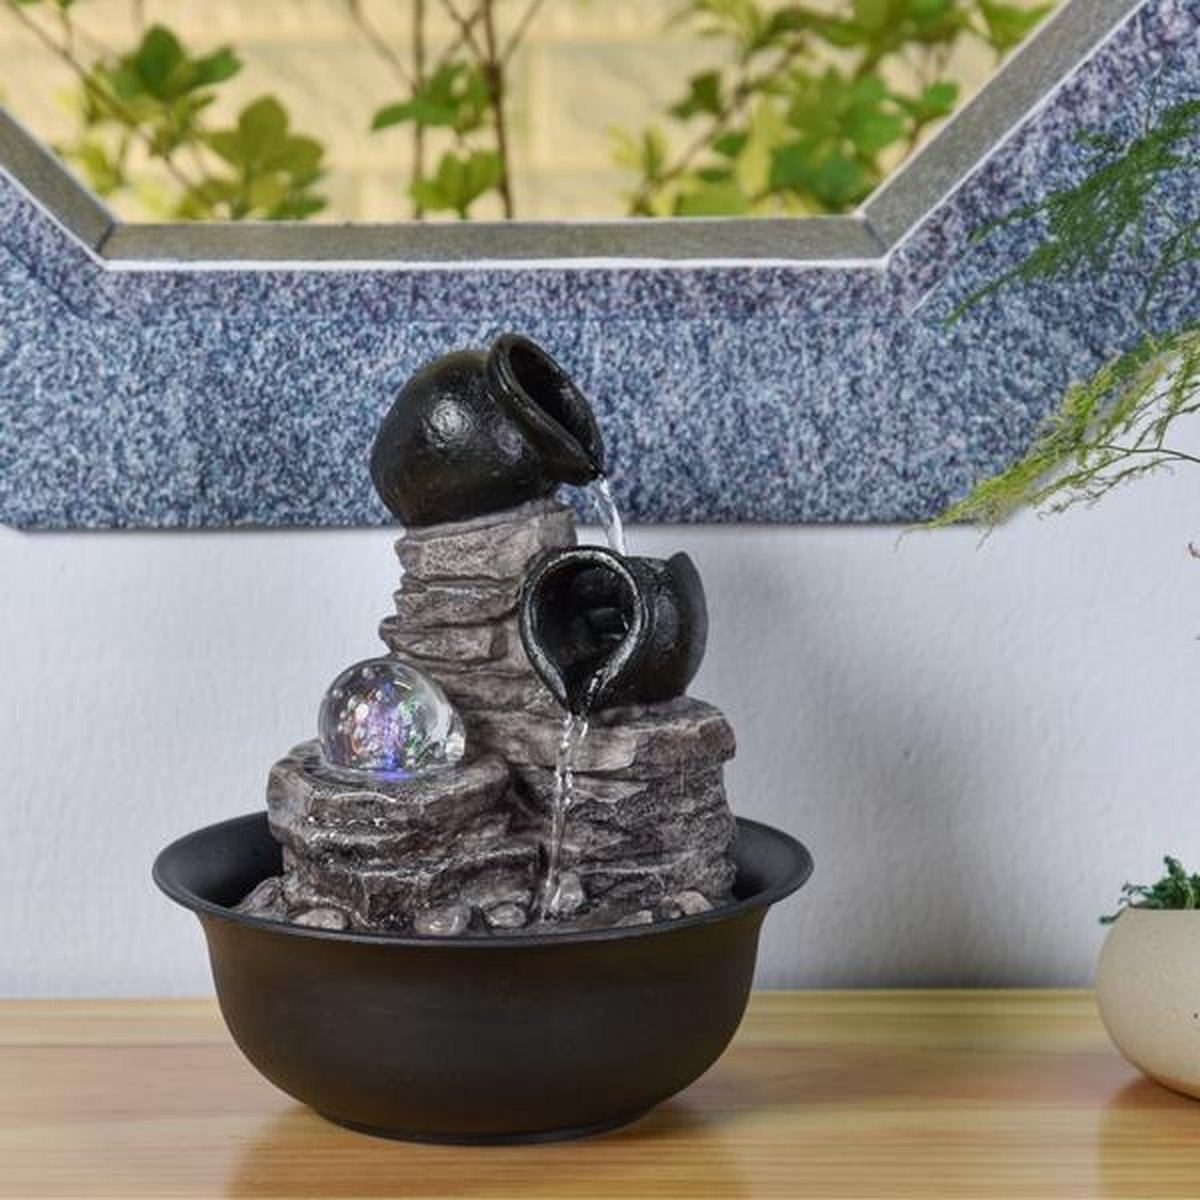 Fontein Nature Verso 25 cm hoog - fontein - interieur - fontein voor binnen - relaxeer - zen - waterornament - cadeau - geschenk - relatiegeschenk - kerst - nieuwjaar - origineel - lente - zomer - lentecollectie - zomercollectie - afkoeling - koelte